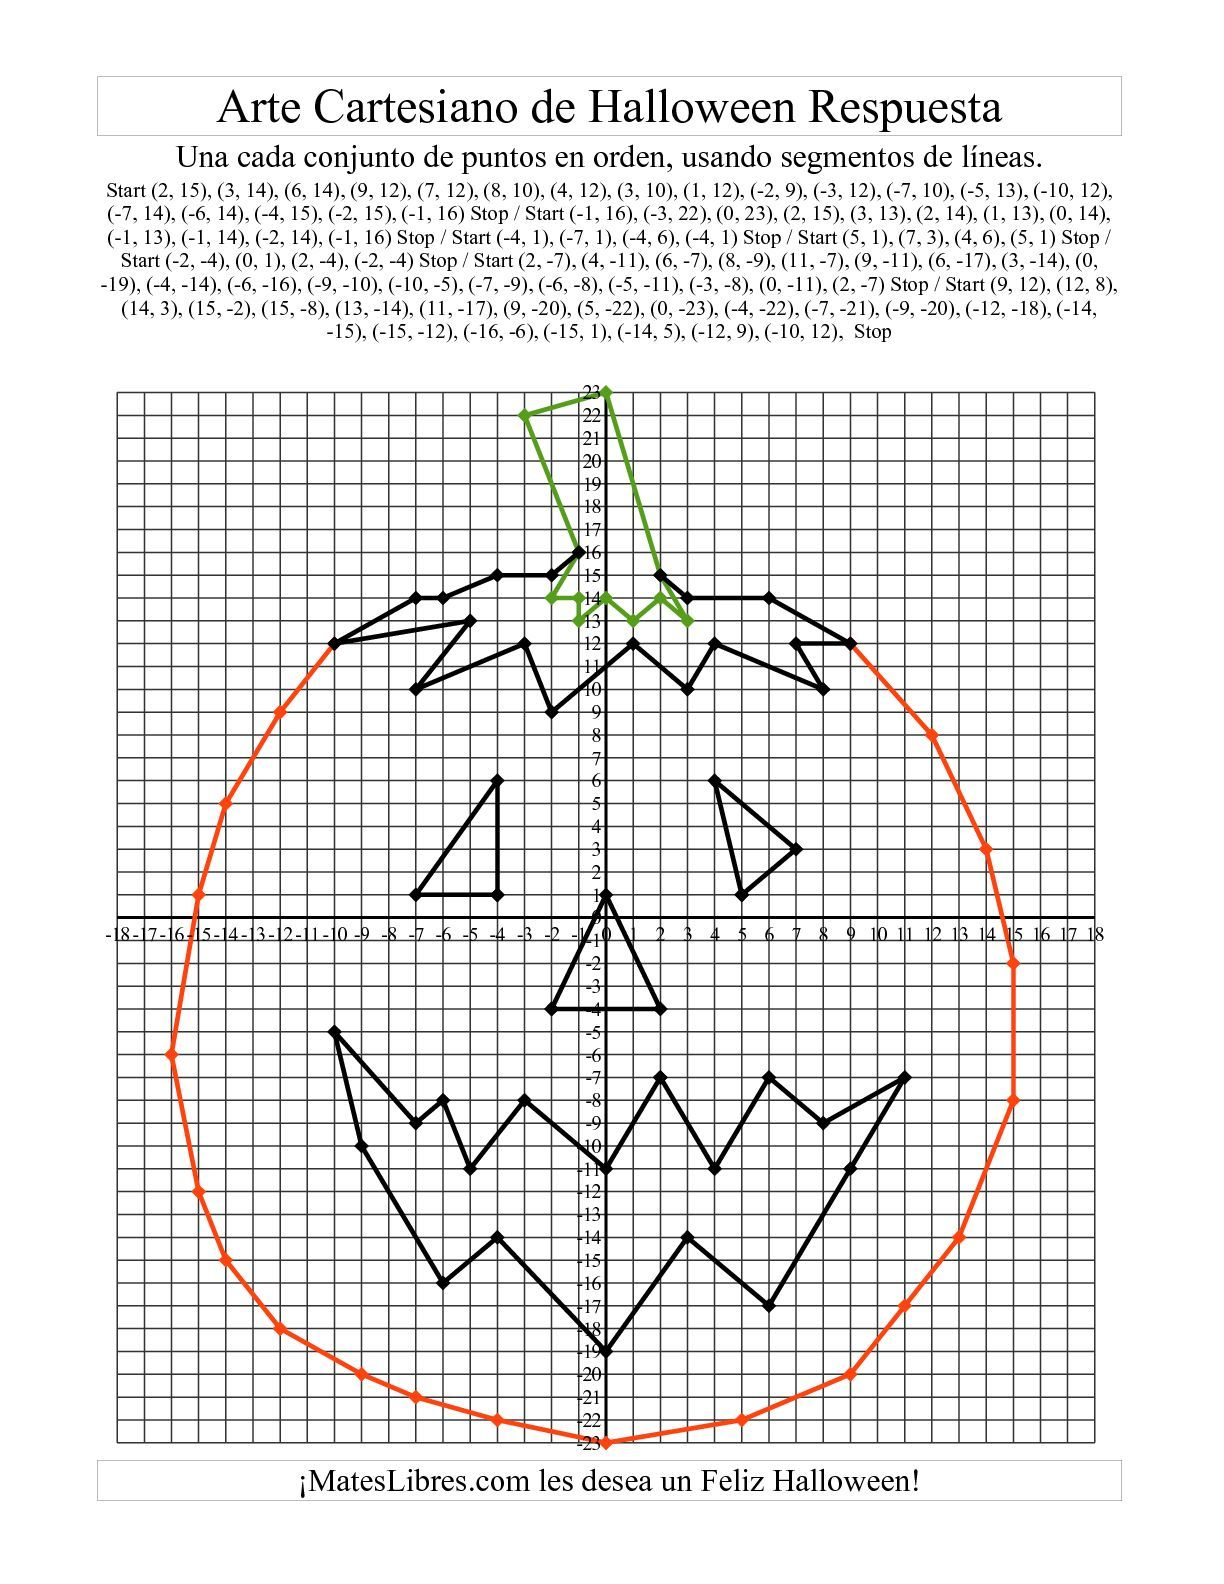 La Hoja De Ejercicios De Matematicas De Arte Cartesiano De Halloween Calabaza De La Pagina